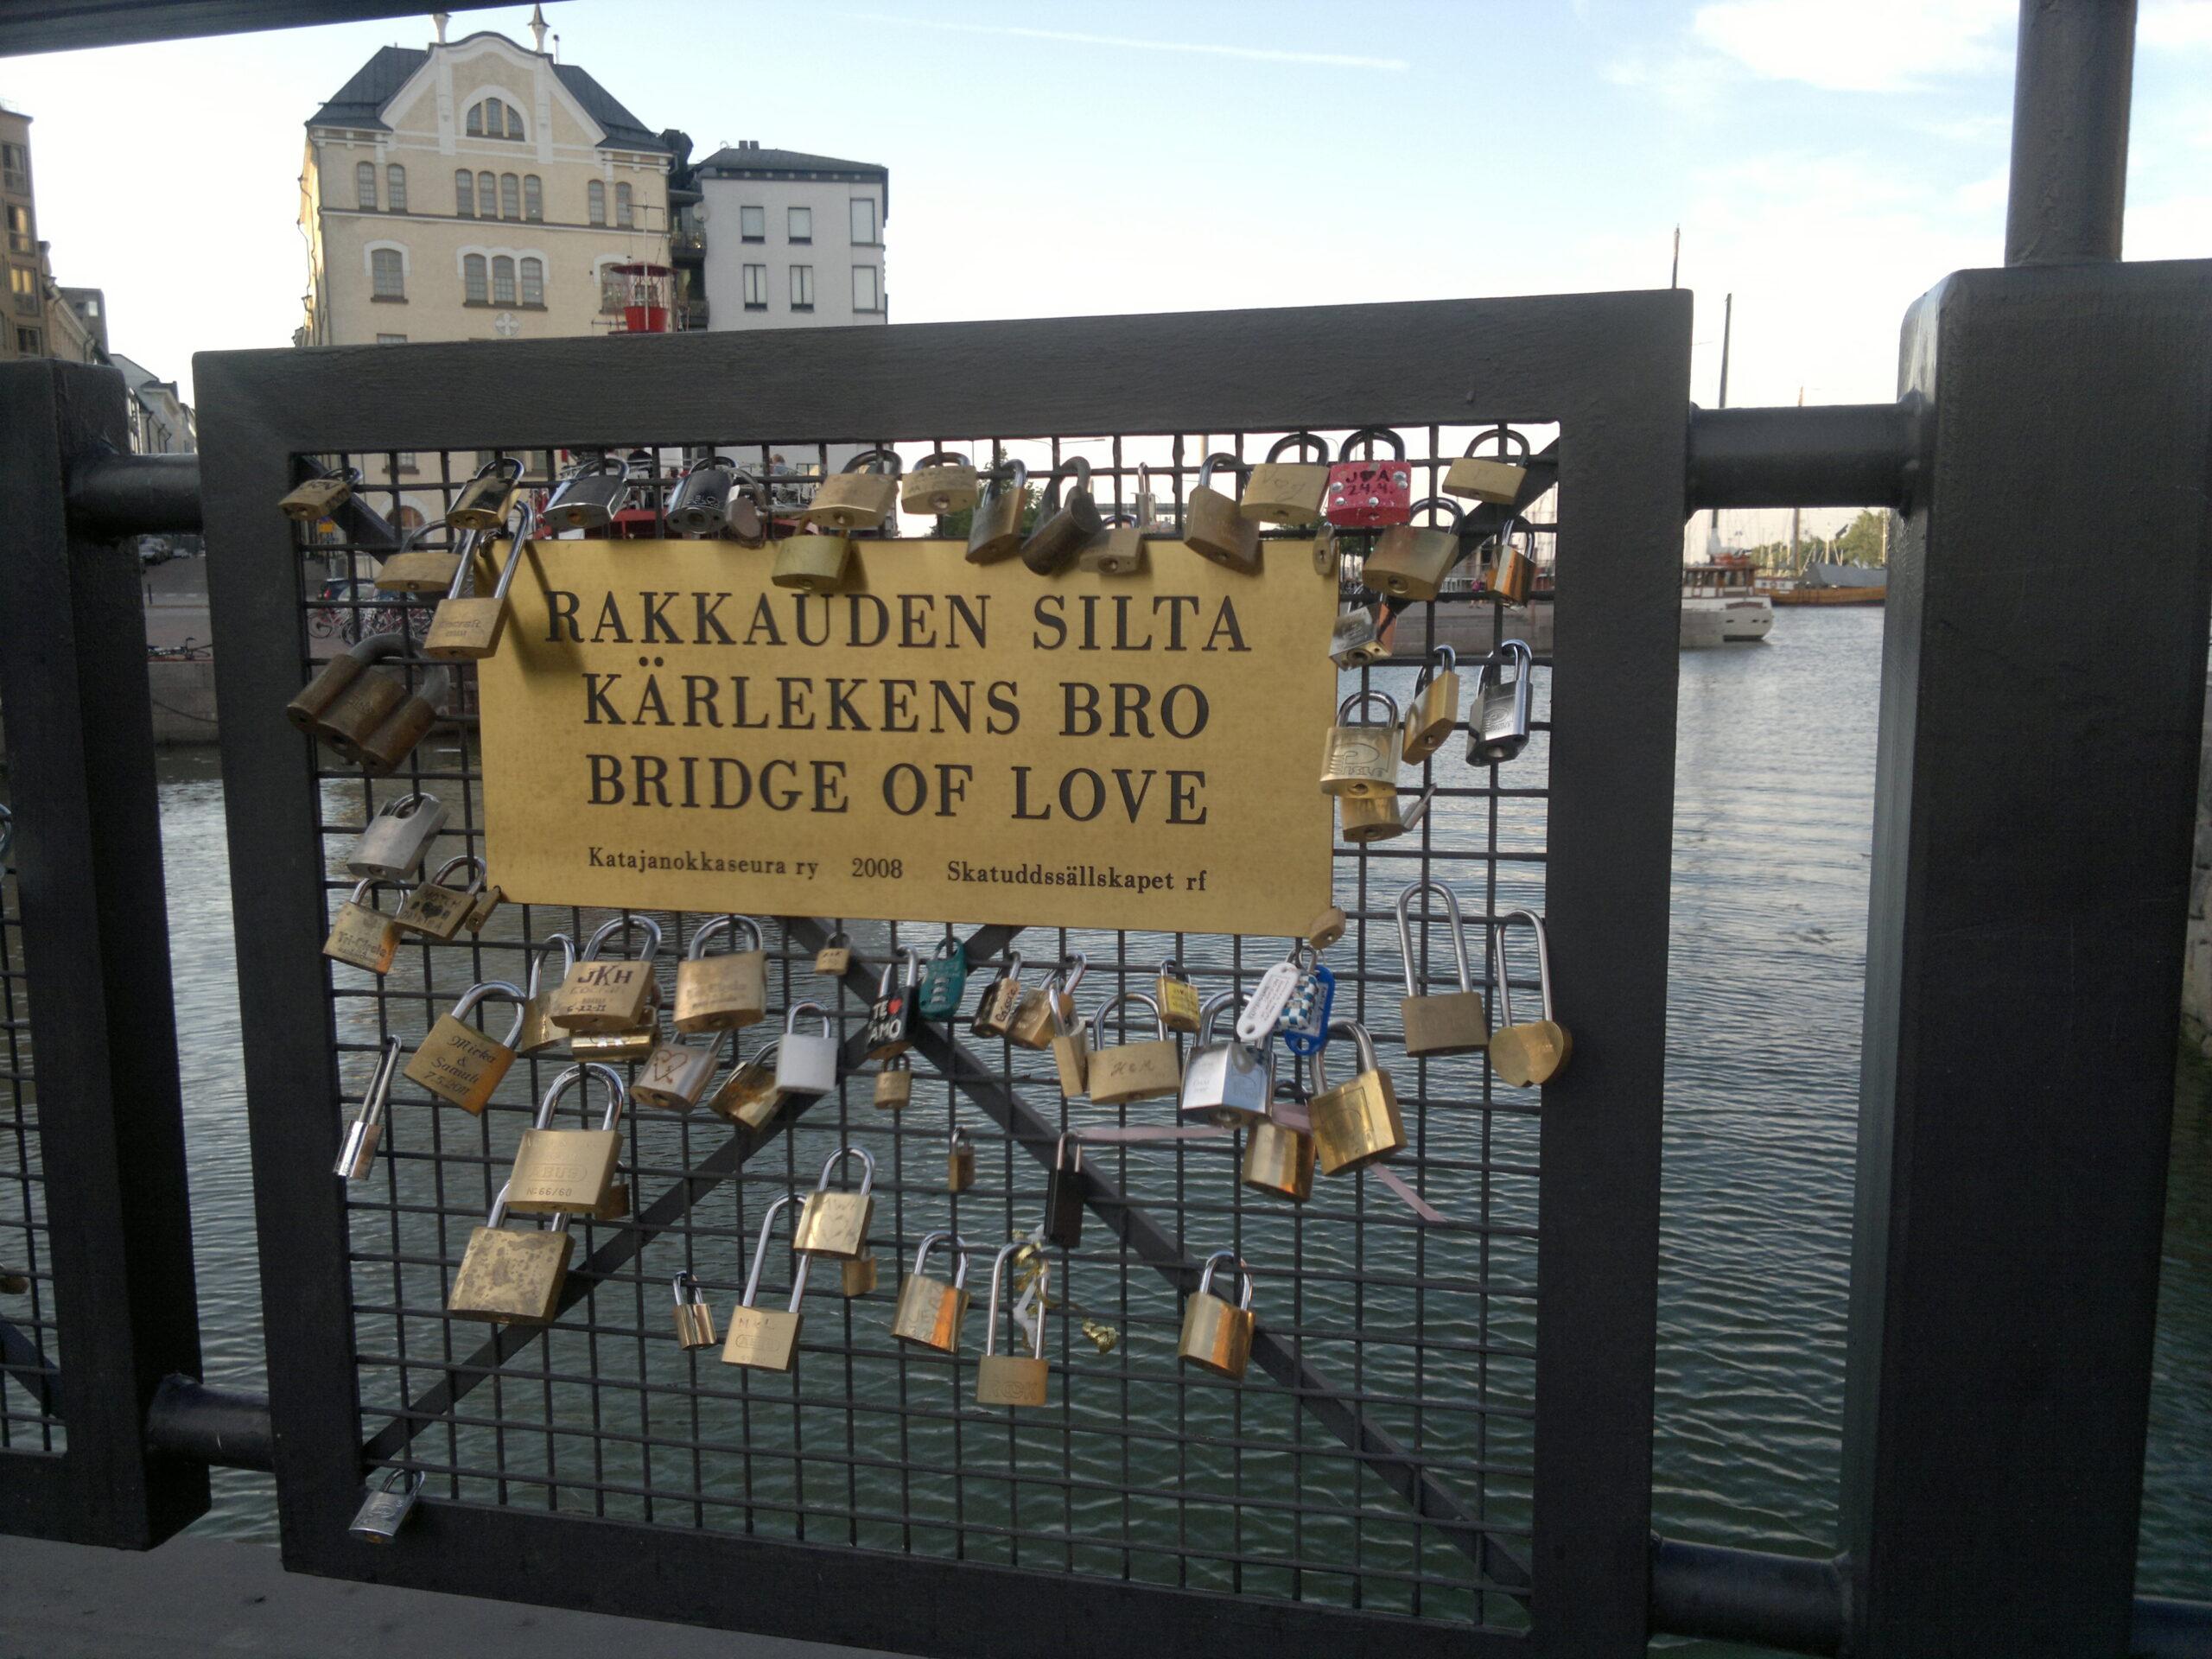 Kärlekens bro